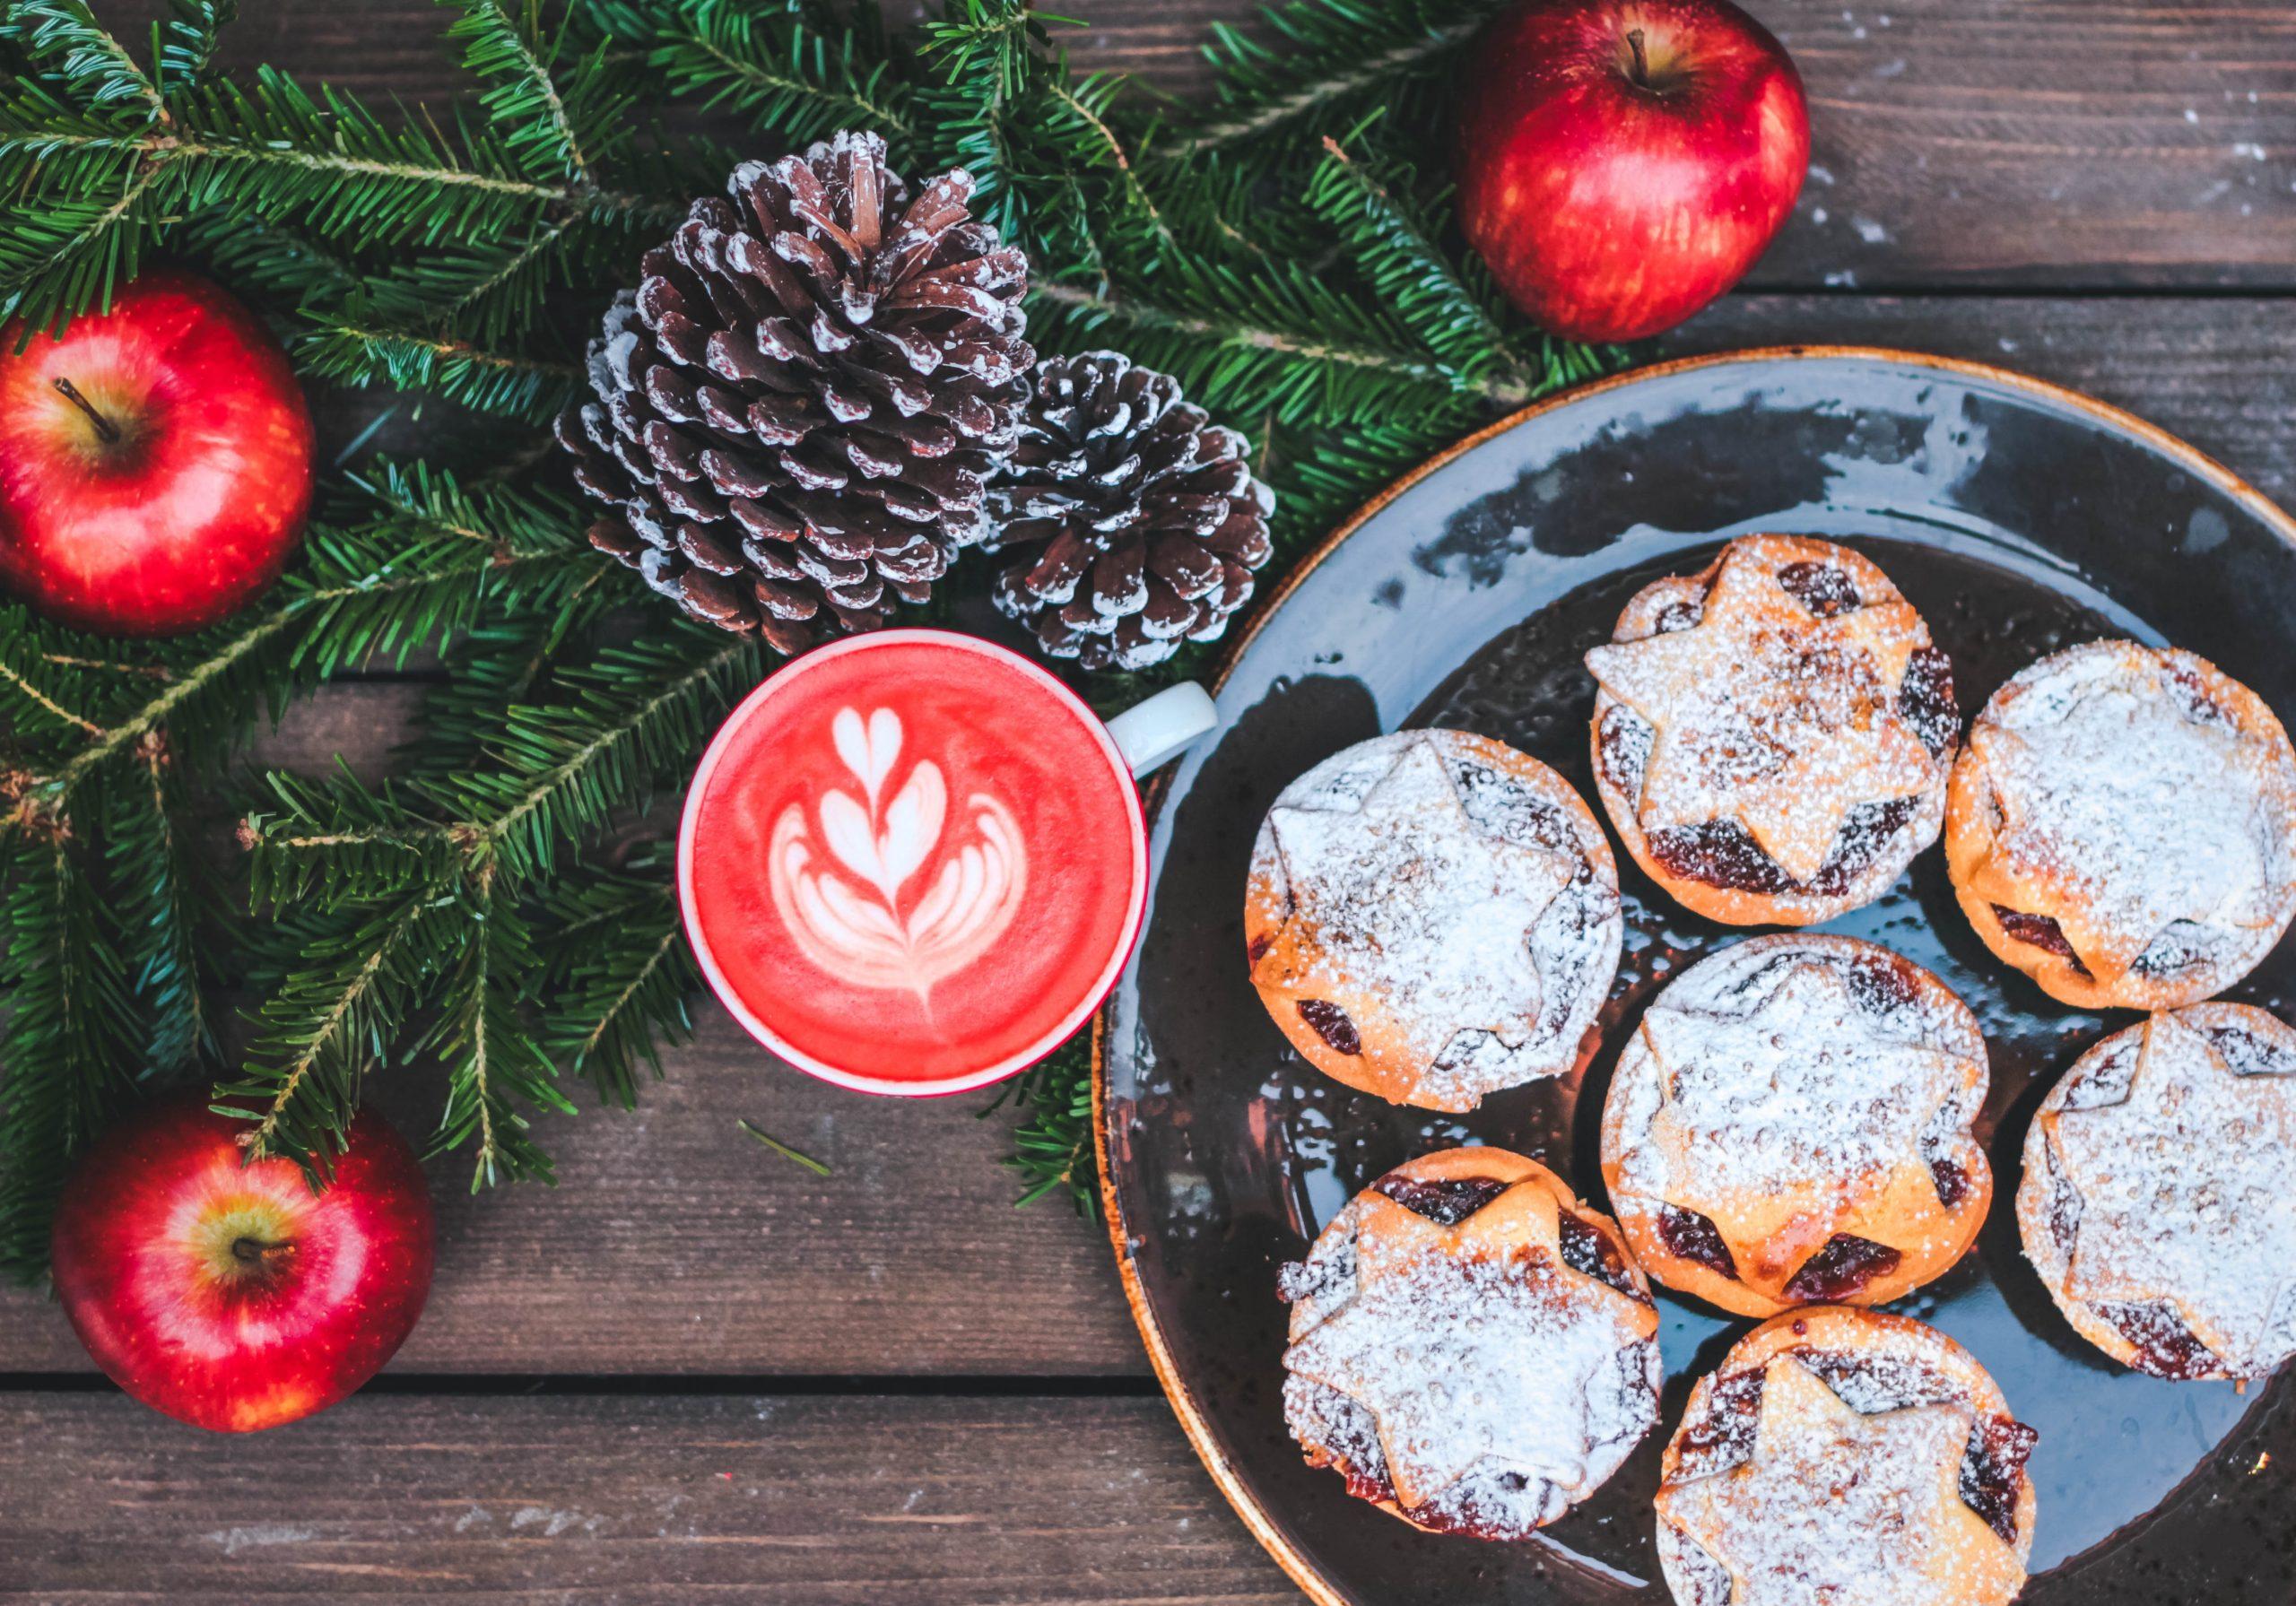 Ești împăcat cu alimentația de sărbători?